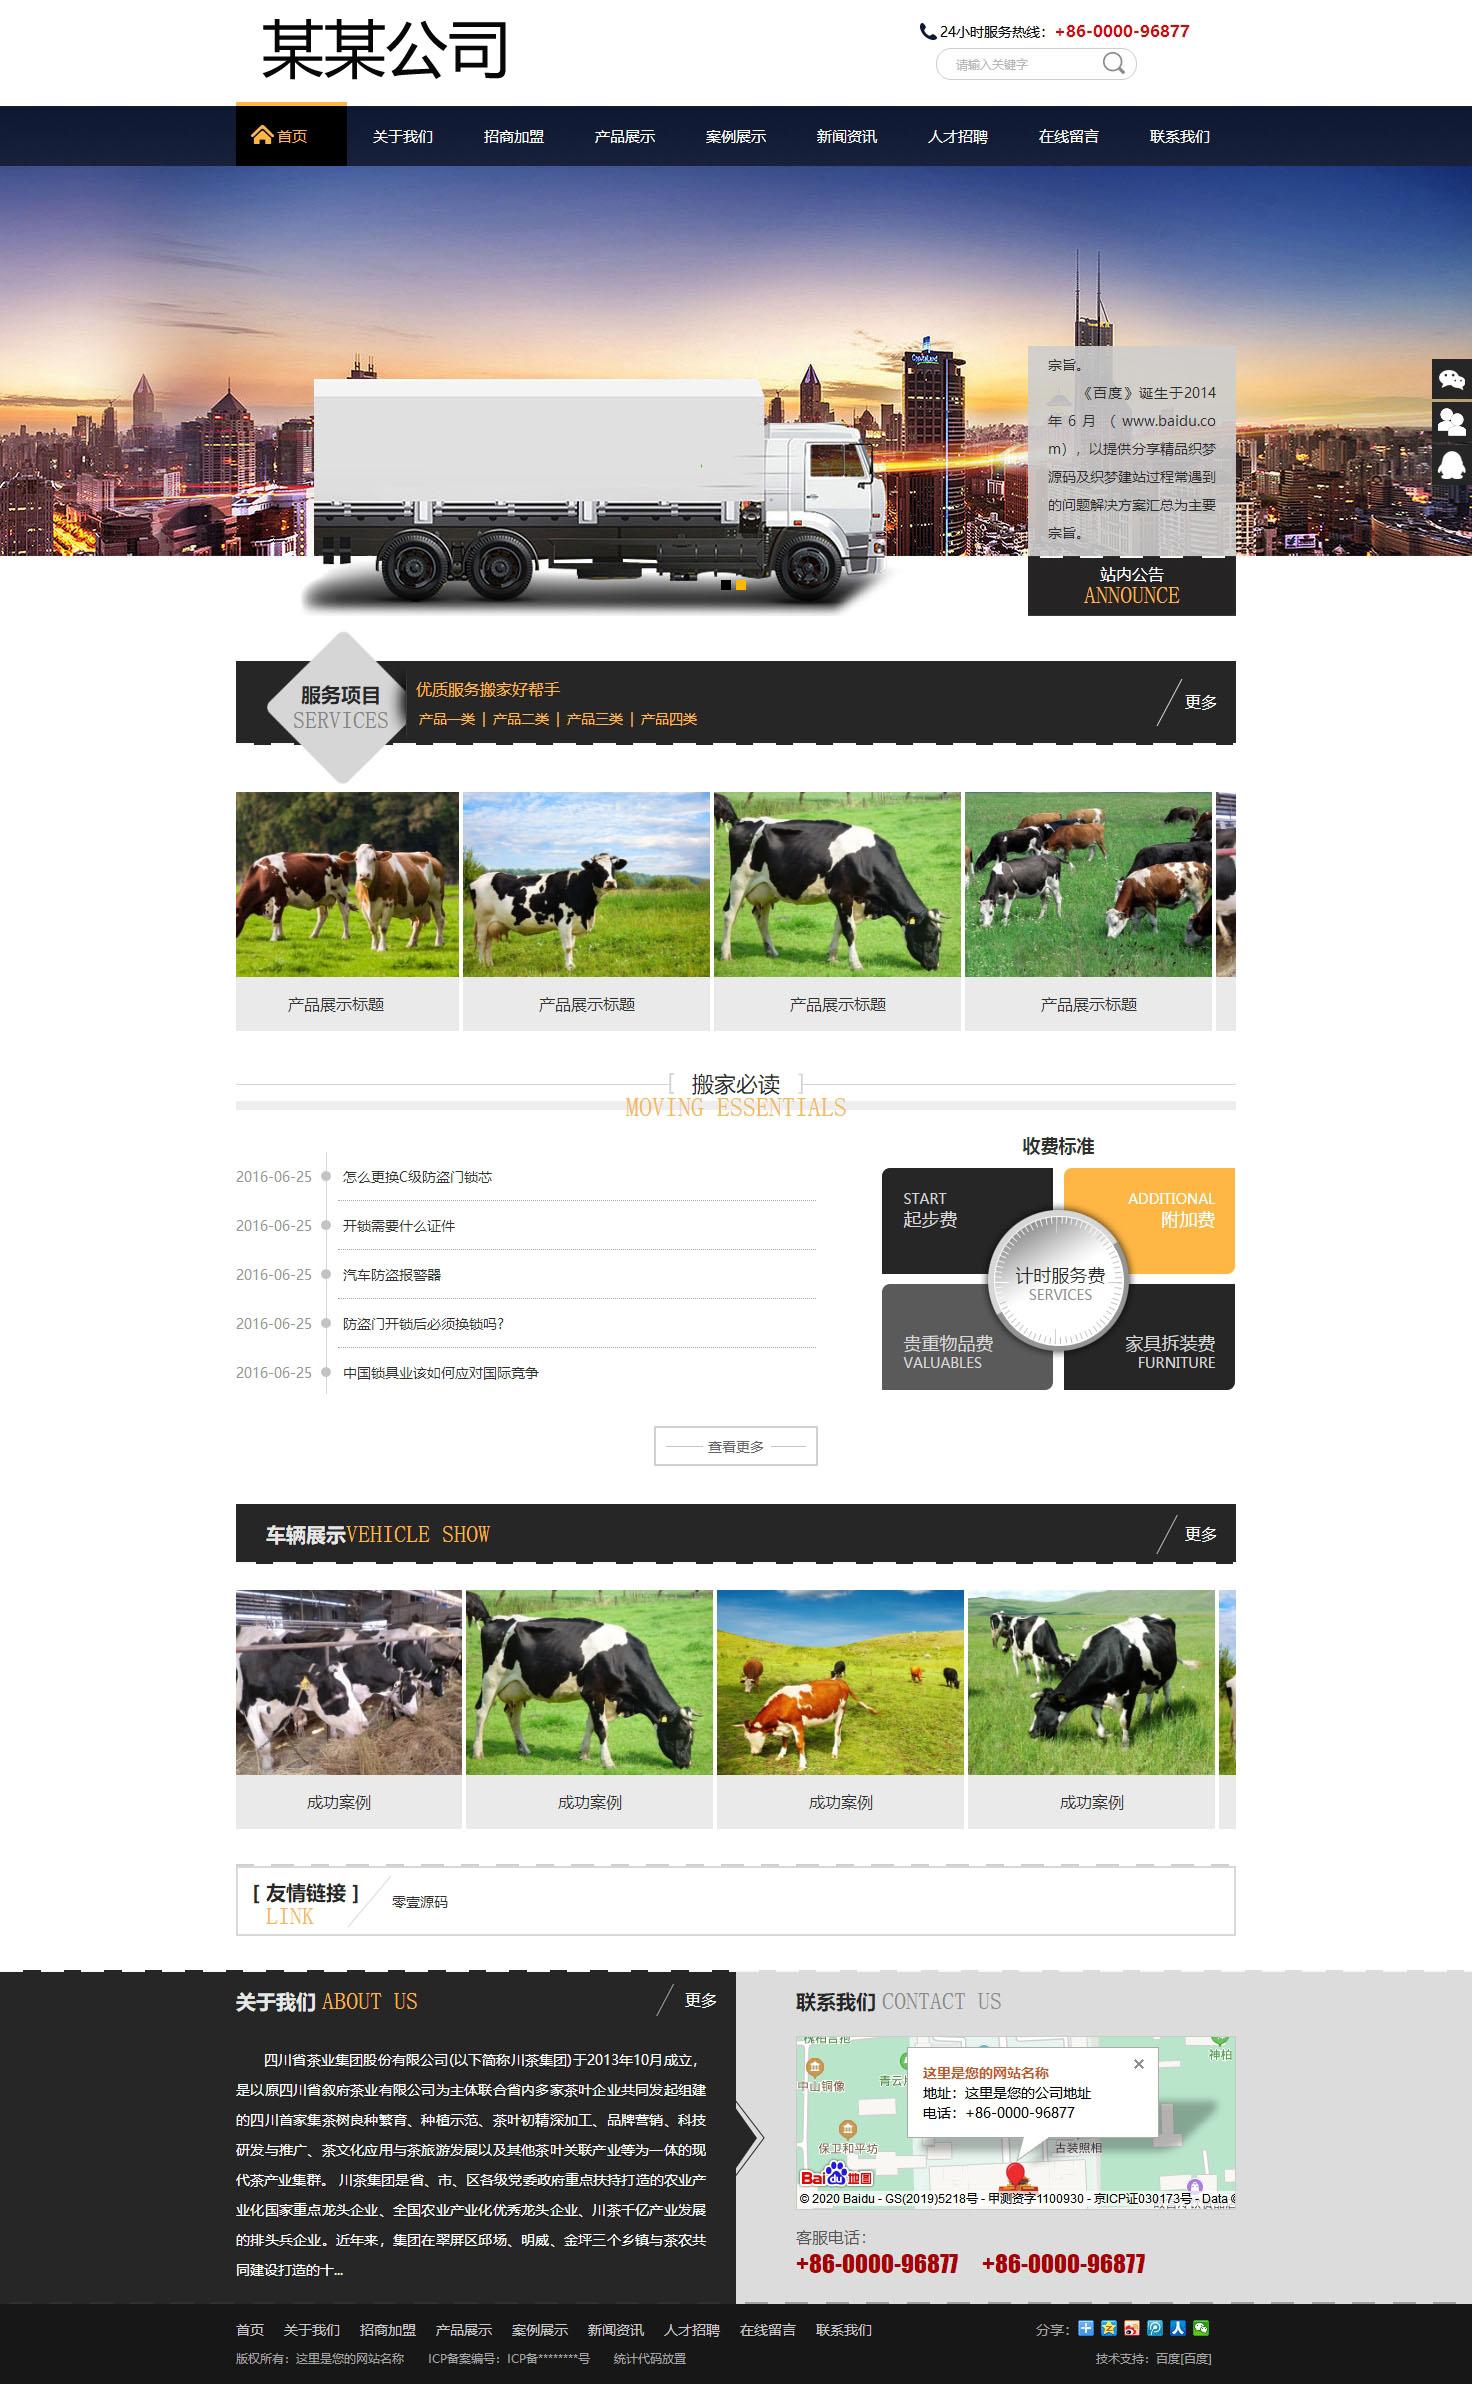 家政搬家服务行业网站织梦dedecms模板(带手机端)